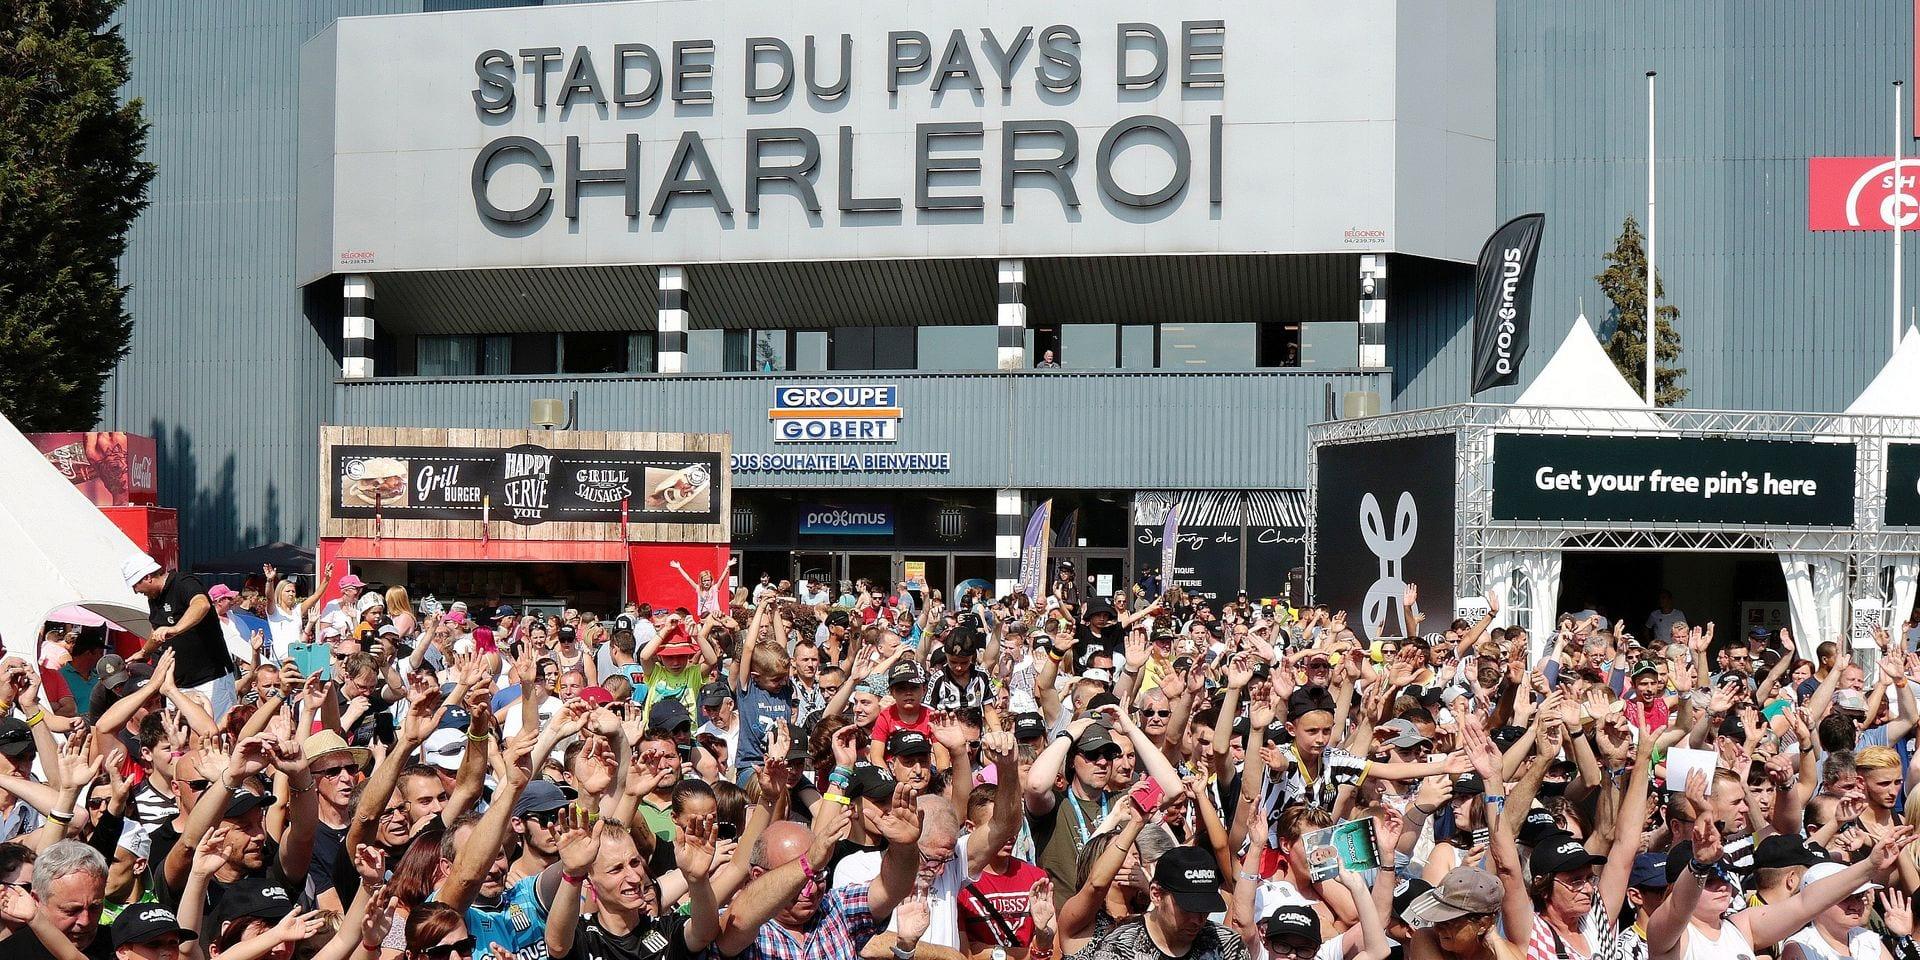 Les supporters de Charleroi ont peur avant cette saison : voici les raisons